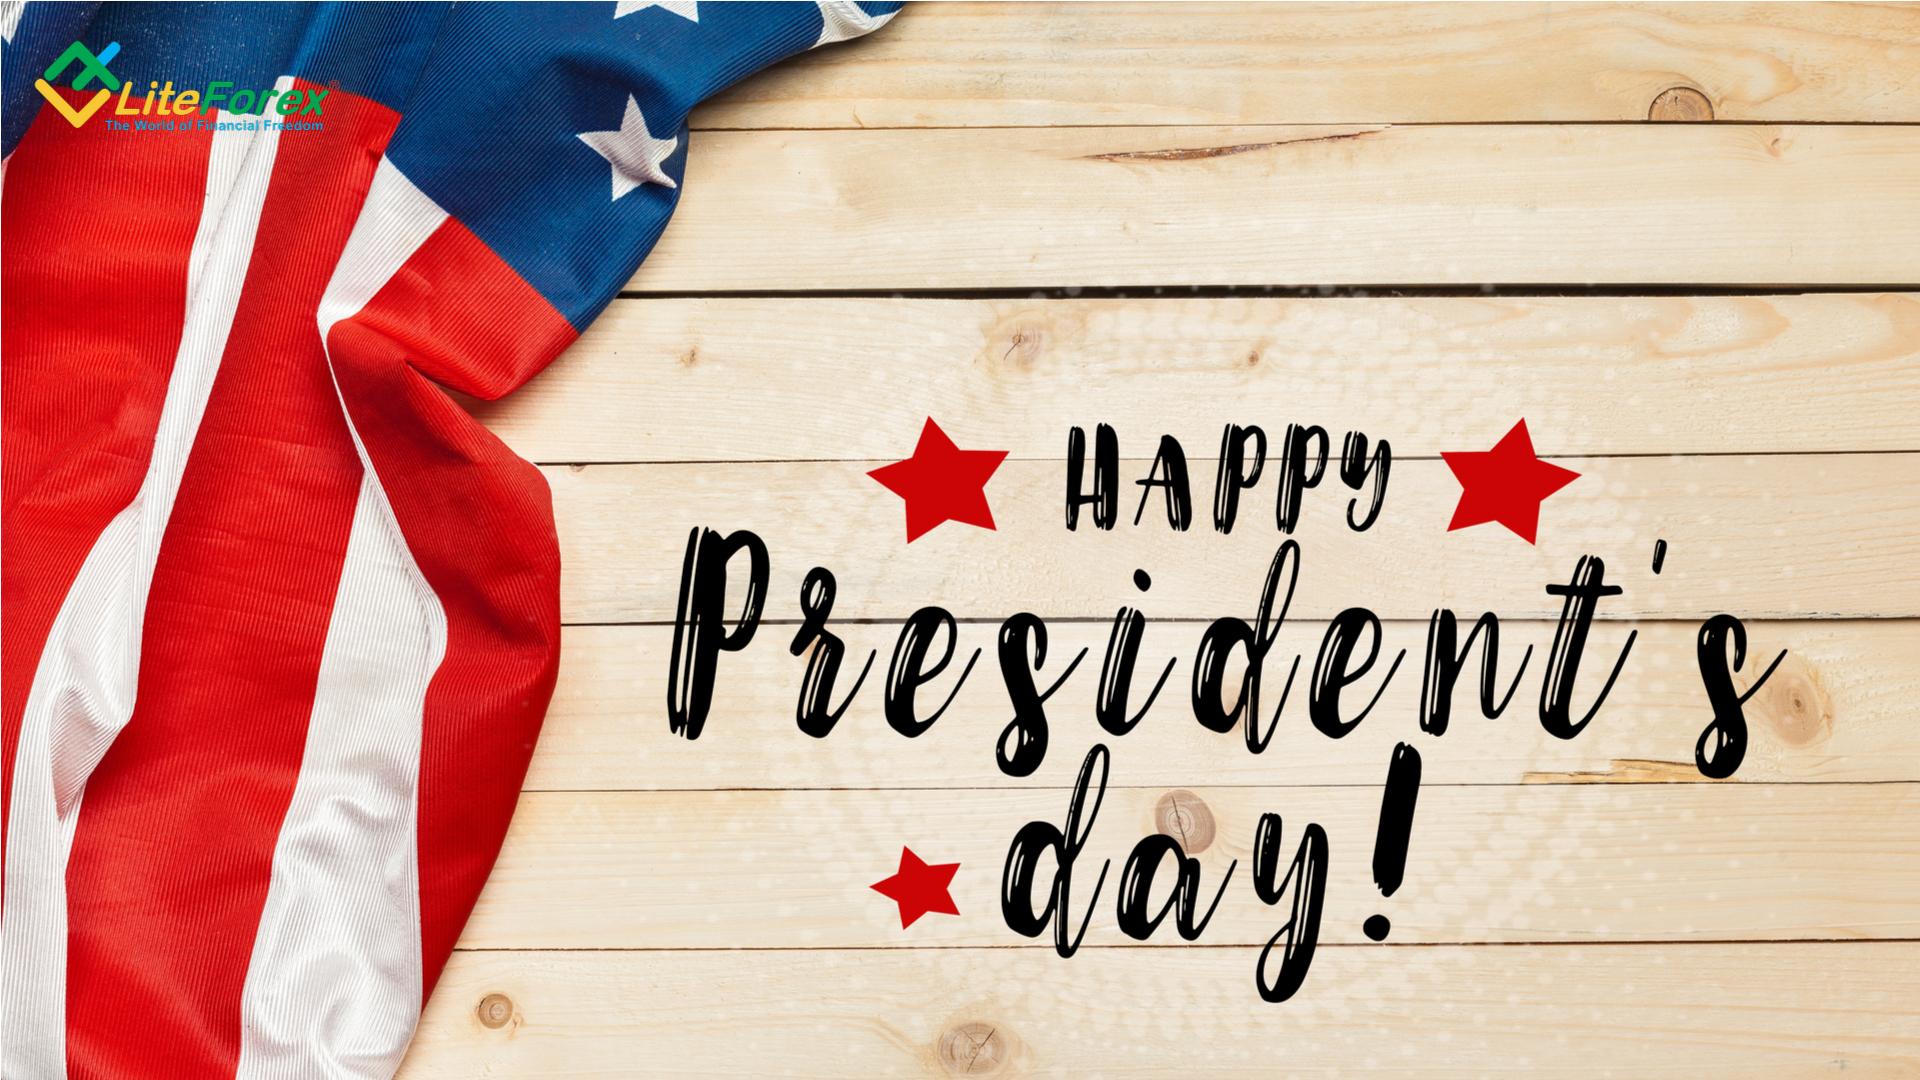 Zmiany w godzinach handlu w związku z Dniem Prezydentów w USA